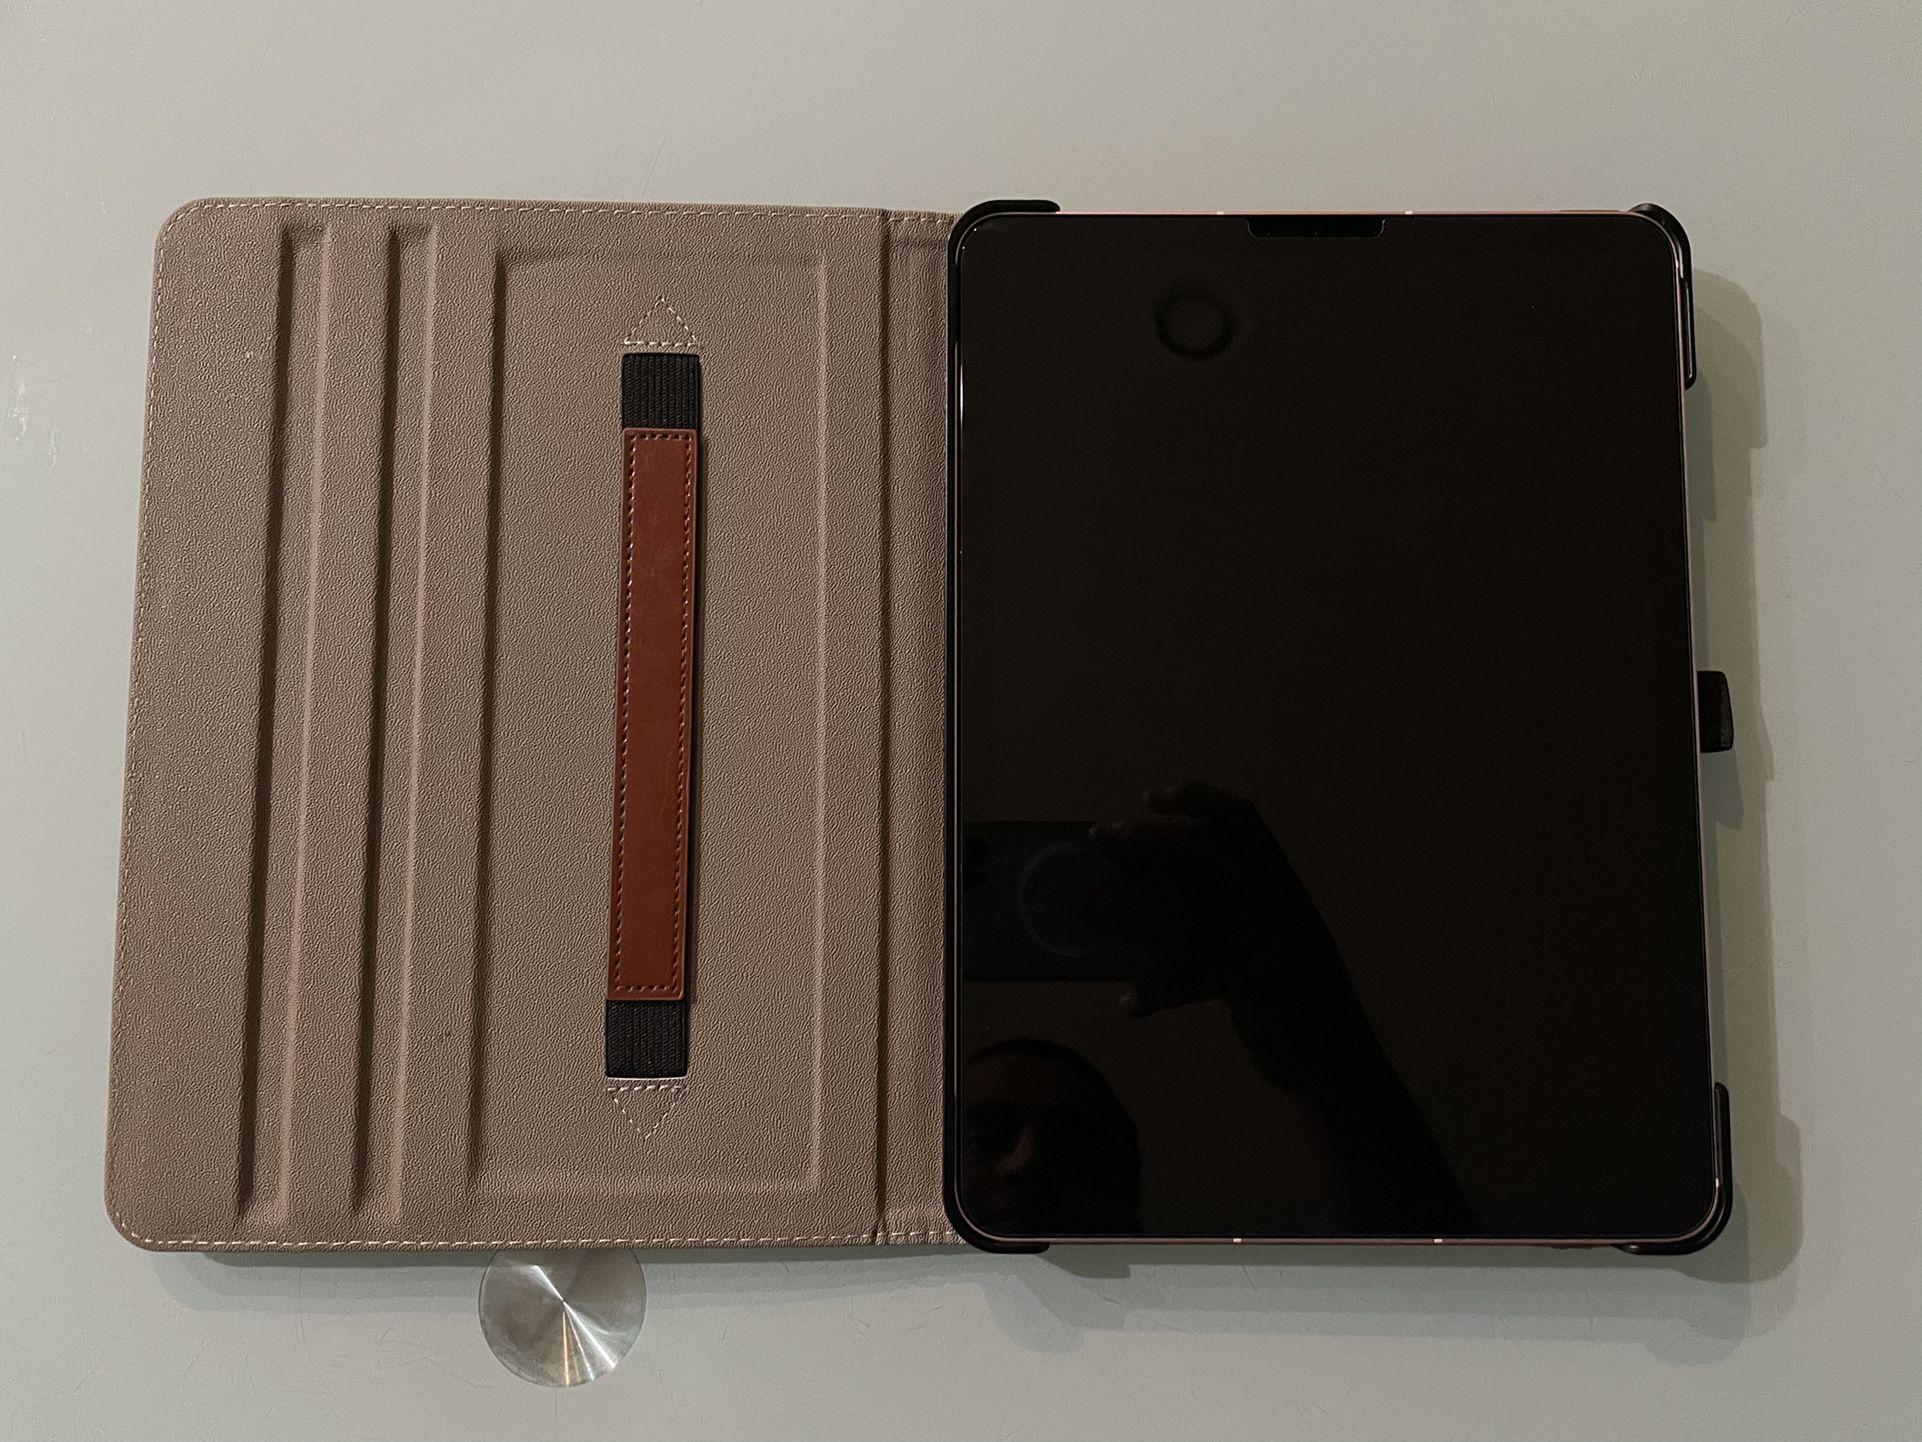 Latest iPad Air Work + Cellular